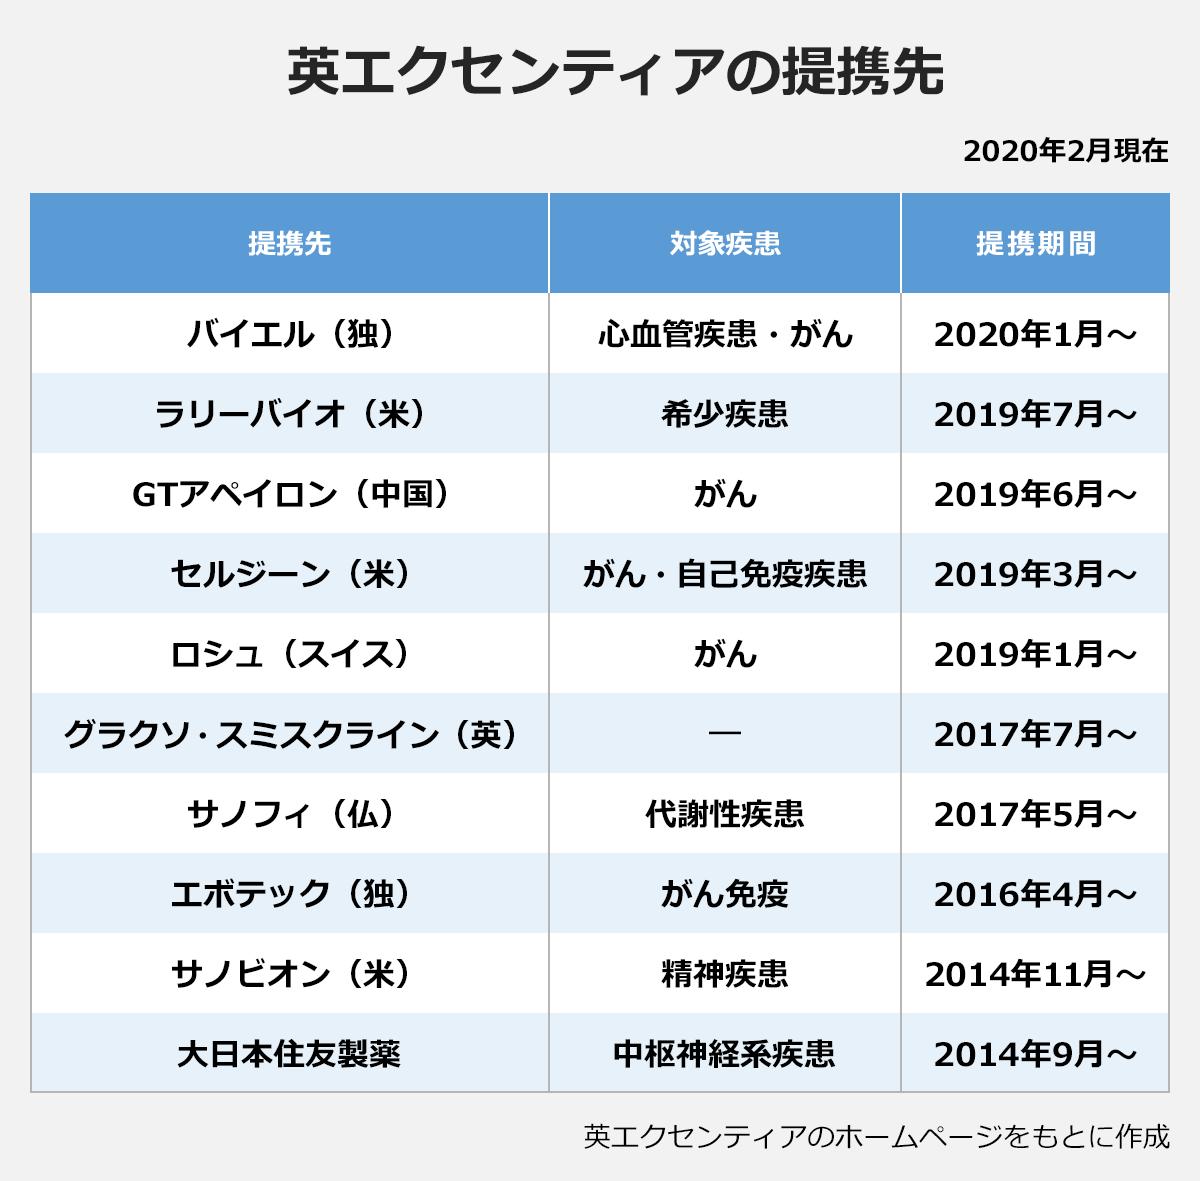 【英エクセンティアの提携先】(2020年2月現在)(提携先/対象疾患/提携期間): バイエル(独)/心血管疾患・がん/2020年1月~ |ラリーバイオ(米)/希少疾患/2019年7月~ |GTアペイロン(中国)/がん/2019年6月~ |セルジーン(米)/がん・自己免疫疾患/2019年3月~ |ロシュ(スイス)/がん/2019年1月~ |グラクソ・スミスクライン(英)/―/2017年7月~ |サノフィ(仏)/代謝性疾患/2017年5月~ |エボテック(独)/がん免疫/2016年4月~ |サノビオン(米)/精神疾患/2014年11月~ |大日本住友製薬/中枢神経系疾患/2014年9月~ |※英エクセンティアのホームページをもとに作成